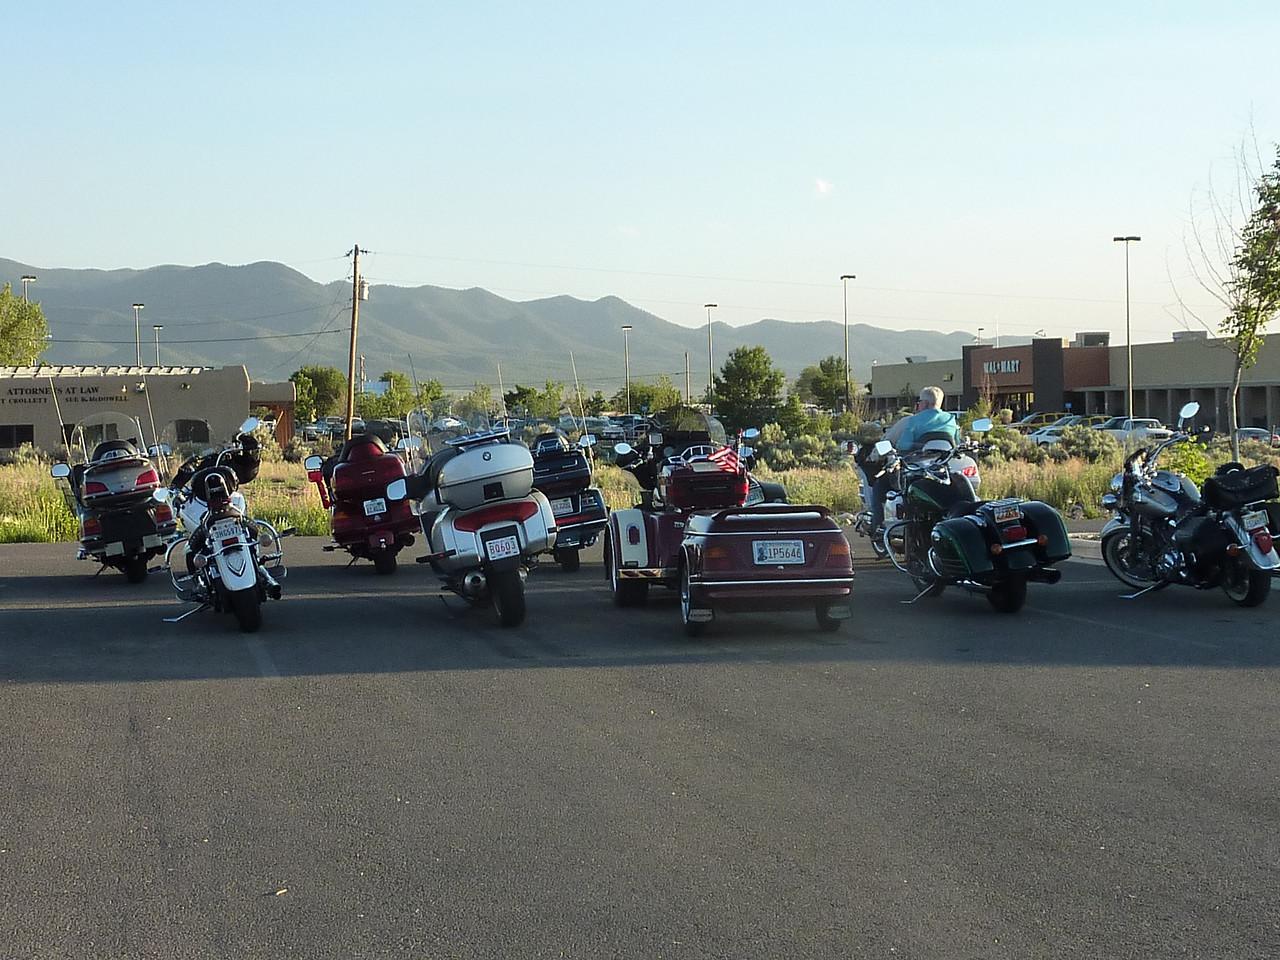 Applebee's parking lot